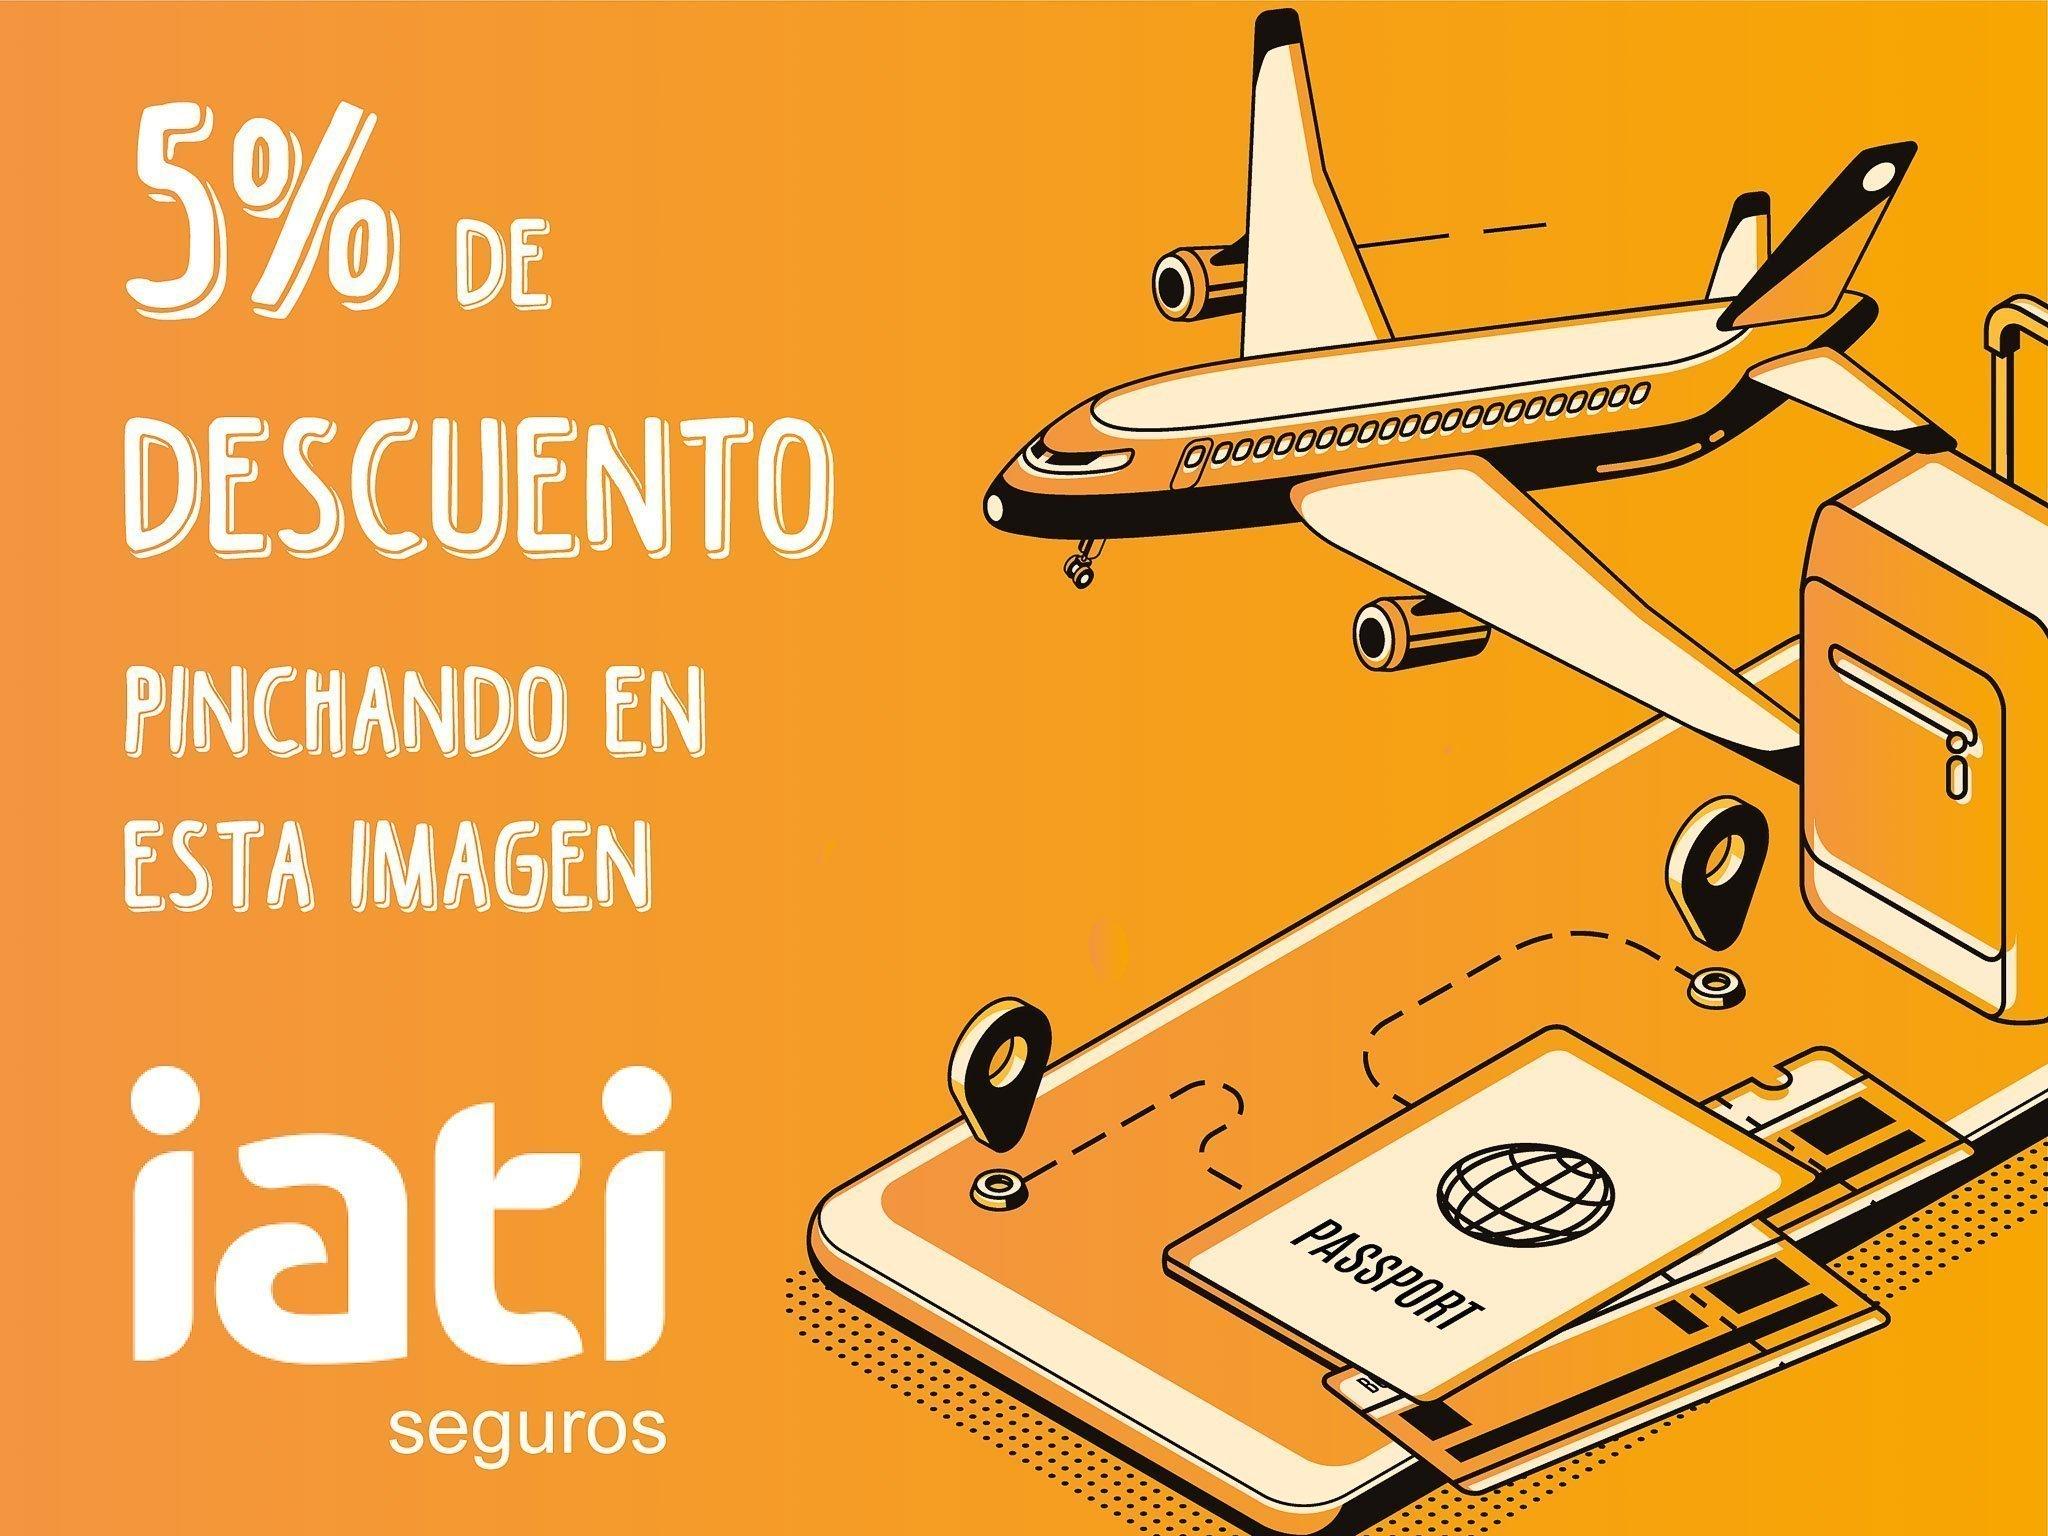 Banner Iati, 5% de descuento